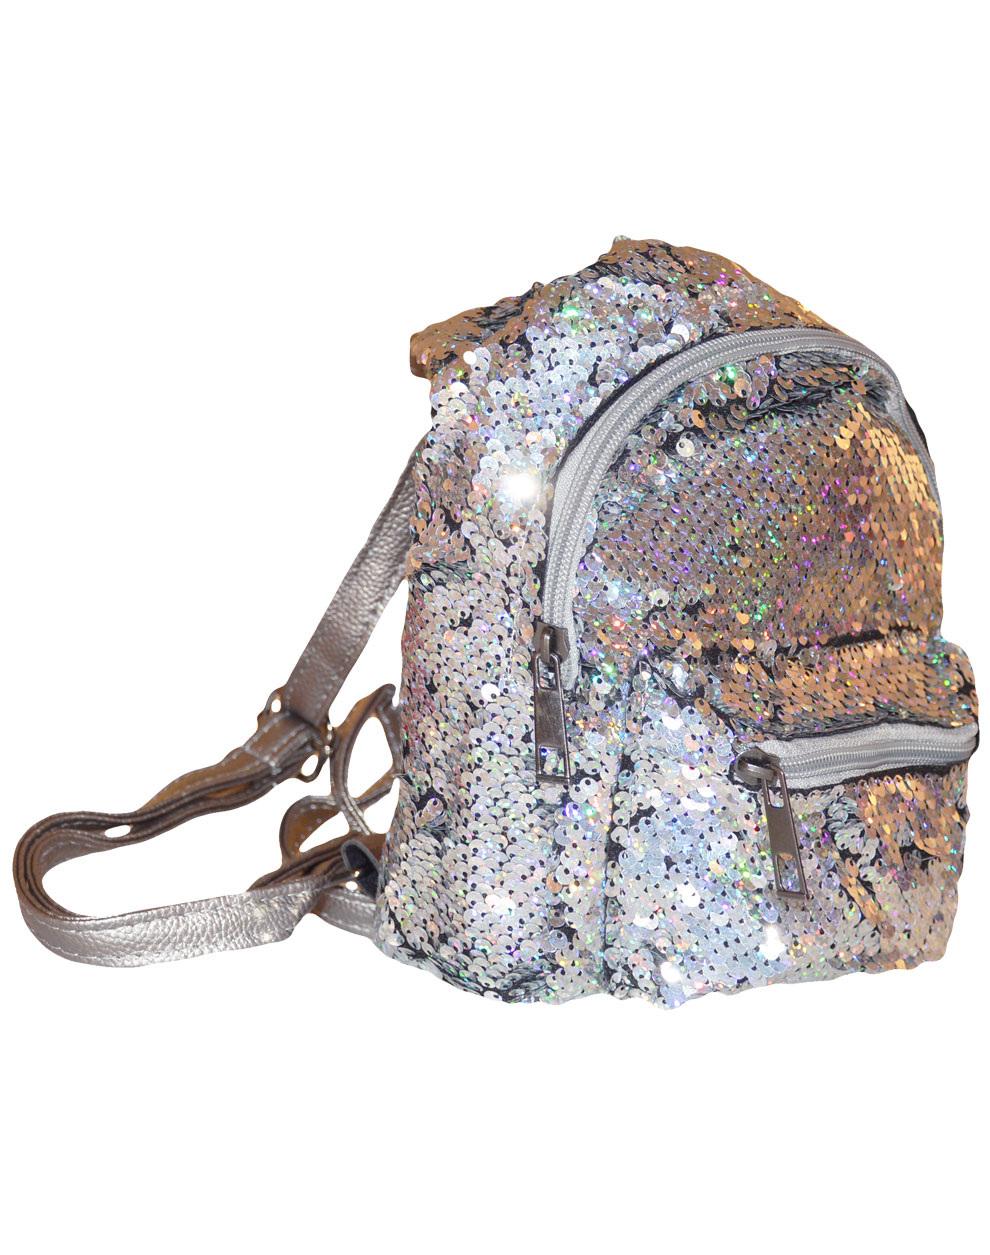 Τσάντα με παγιέτες 39-100-101 - Ασημί - 16604-91/12/141/286